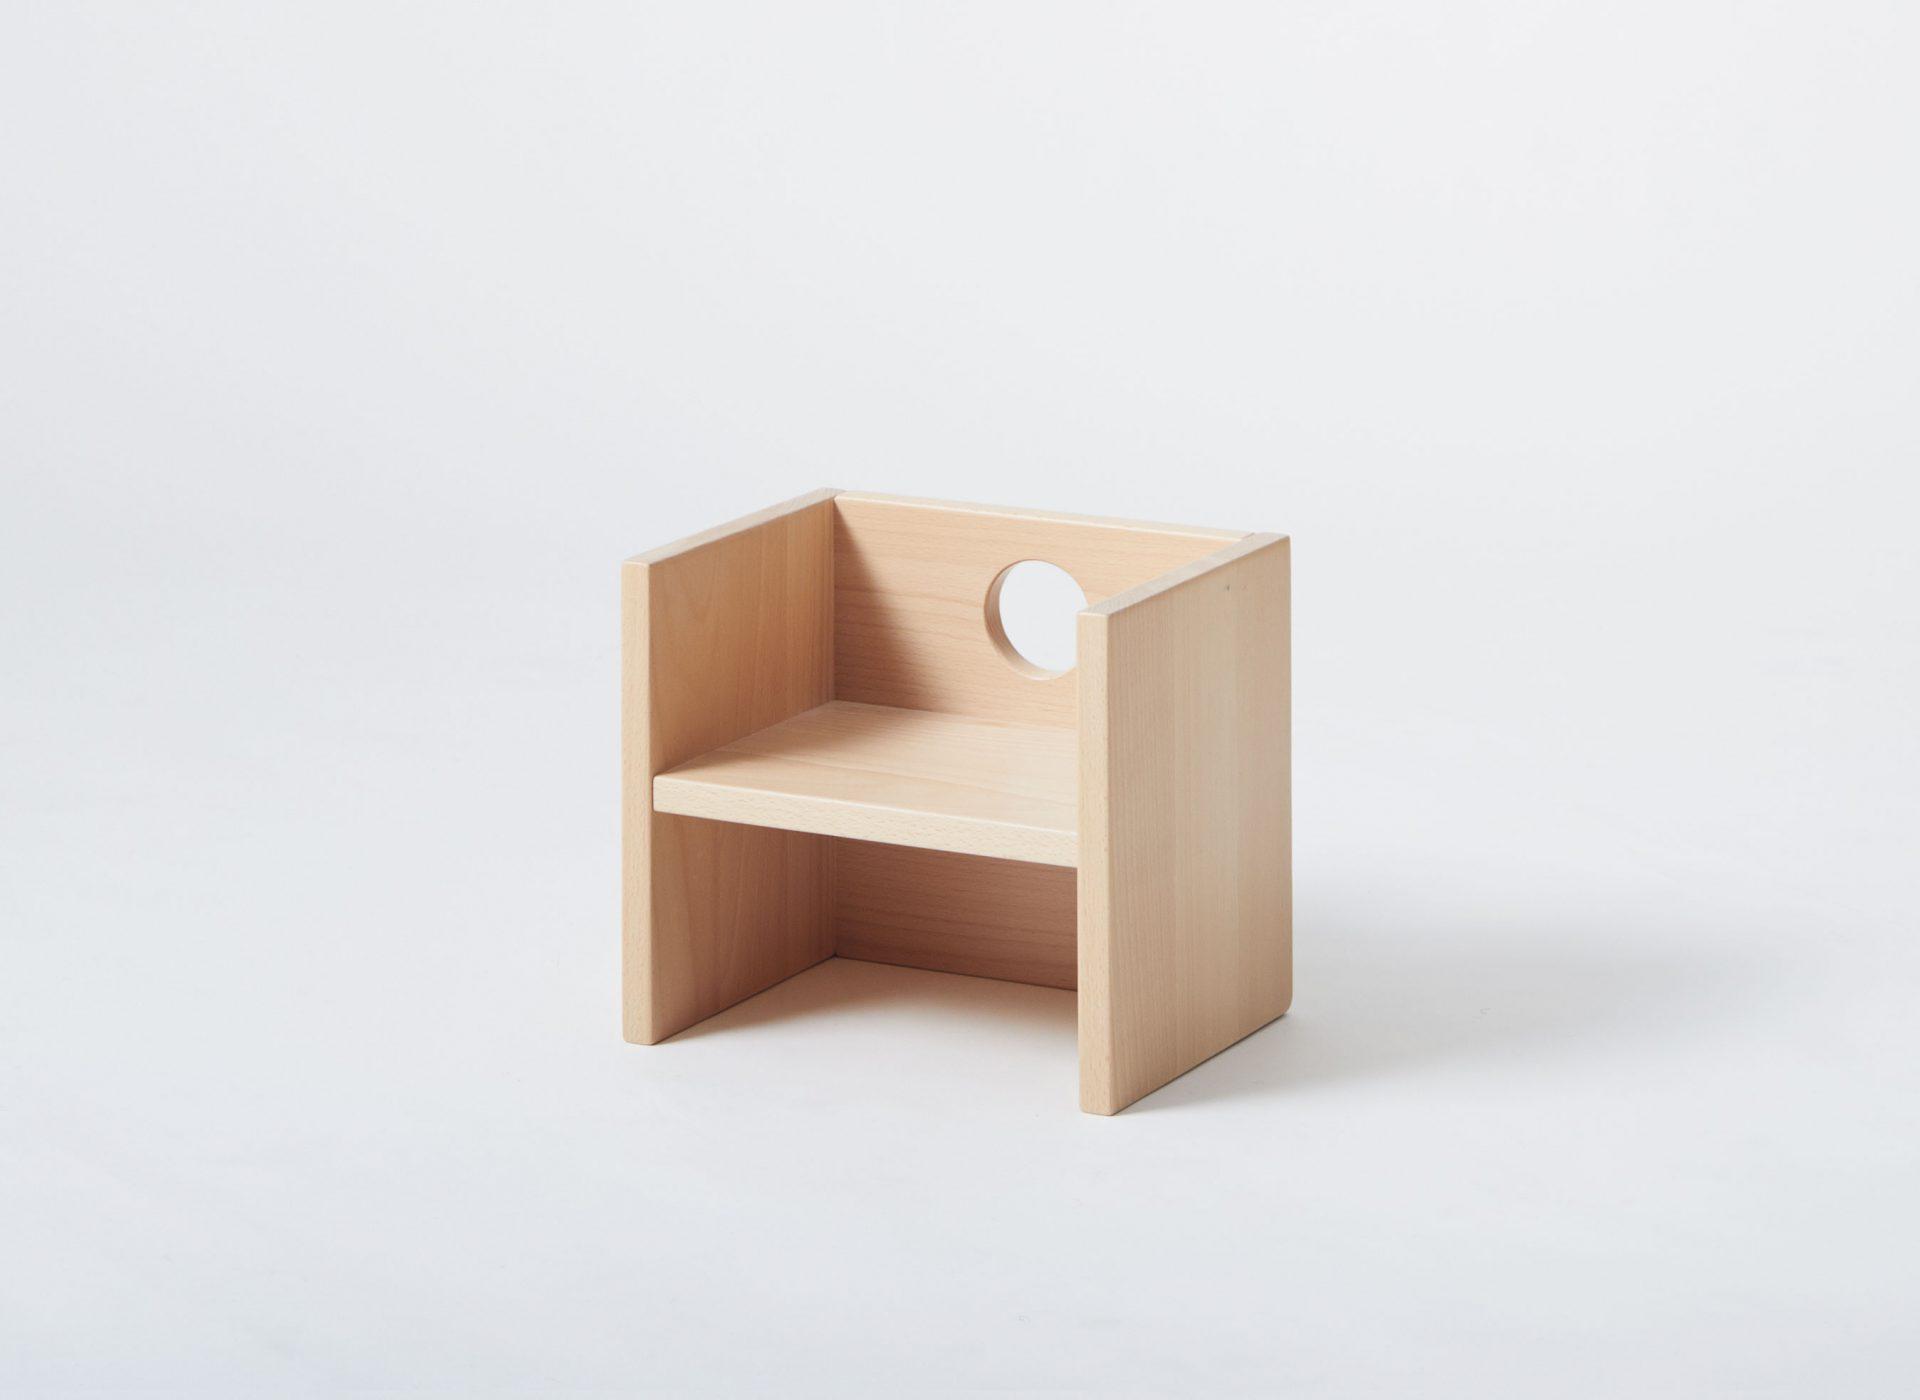 papoq-hocker-kinderstuhl-mini-02